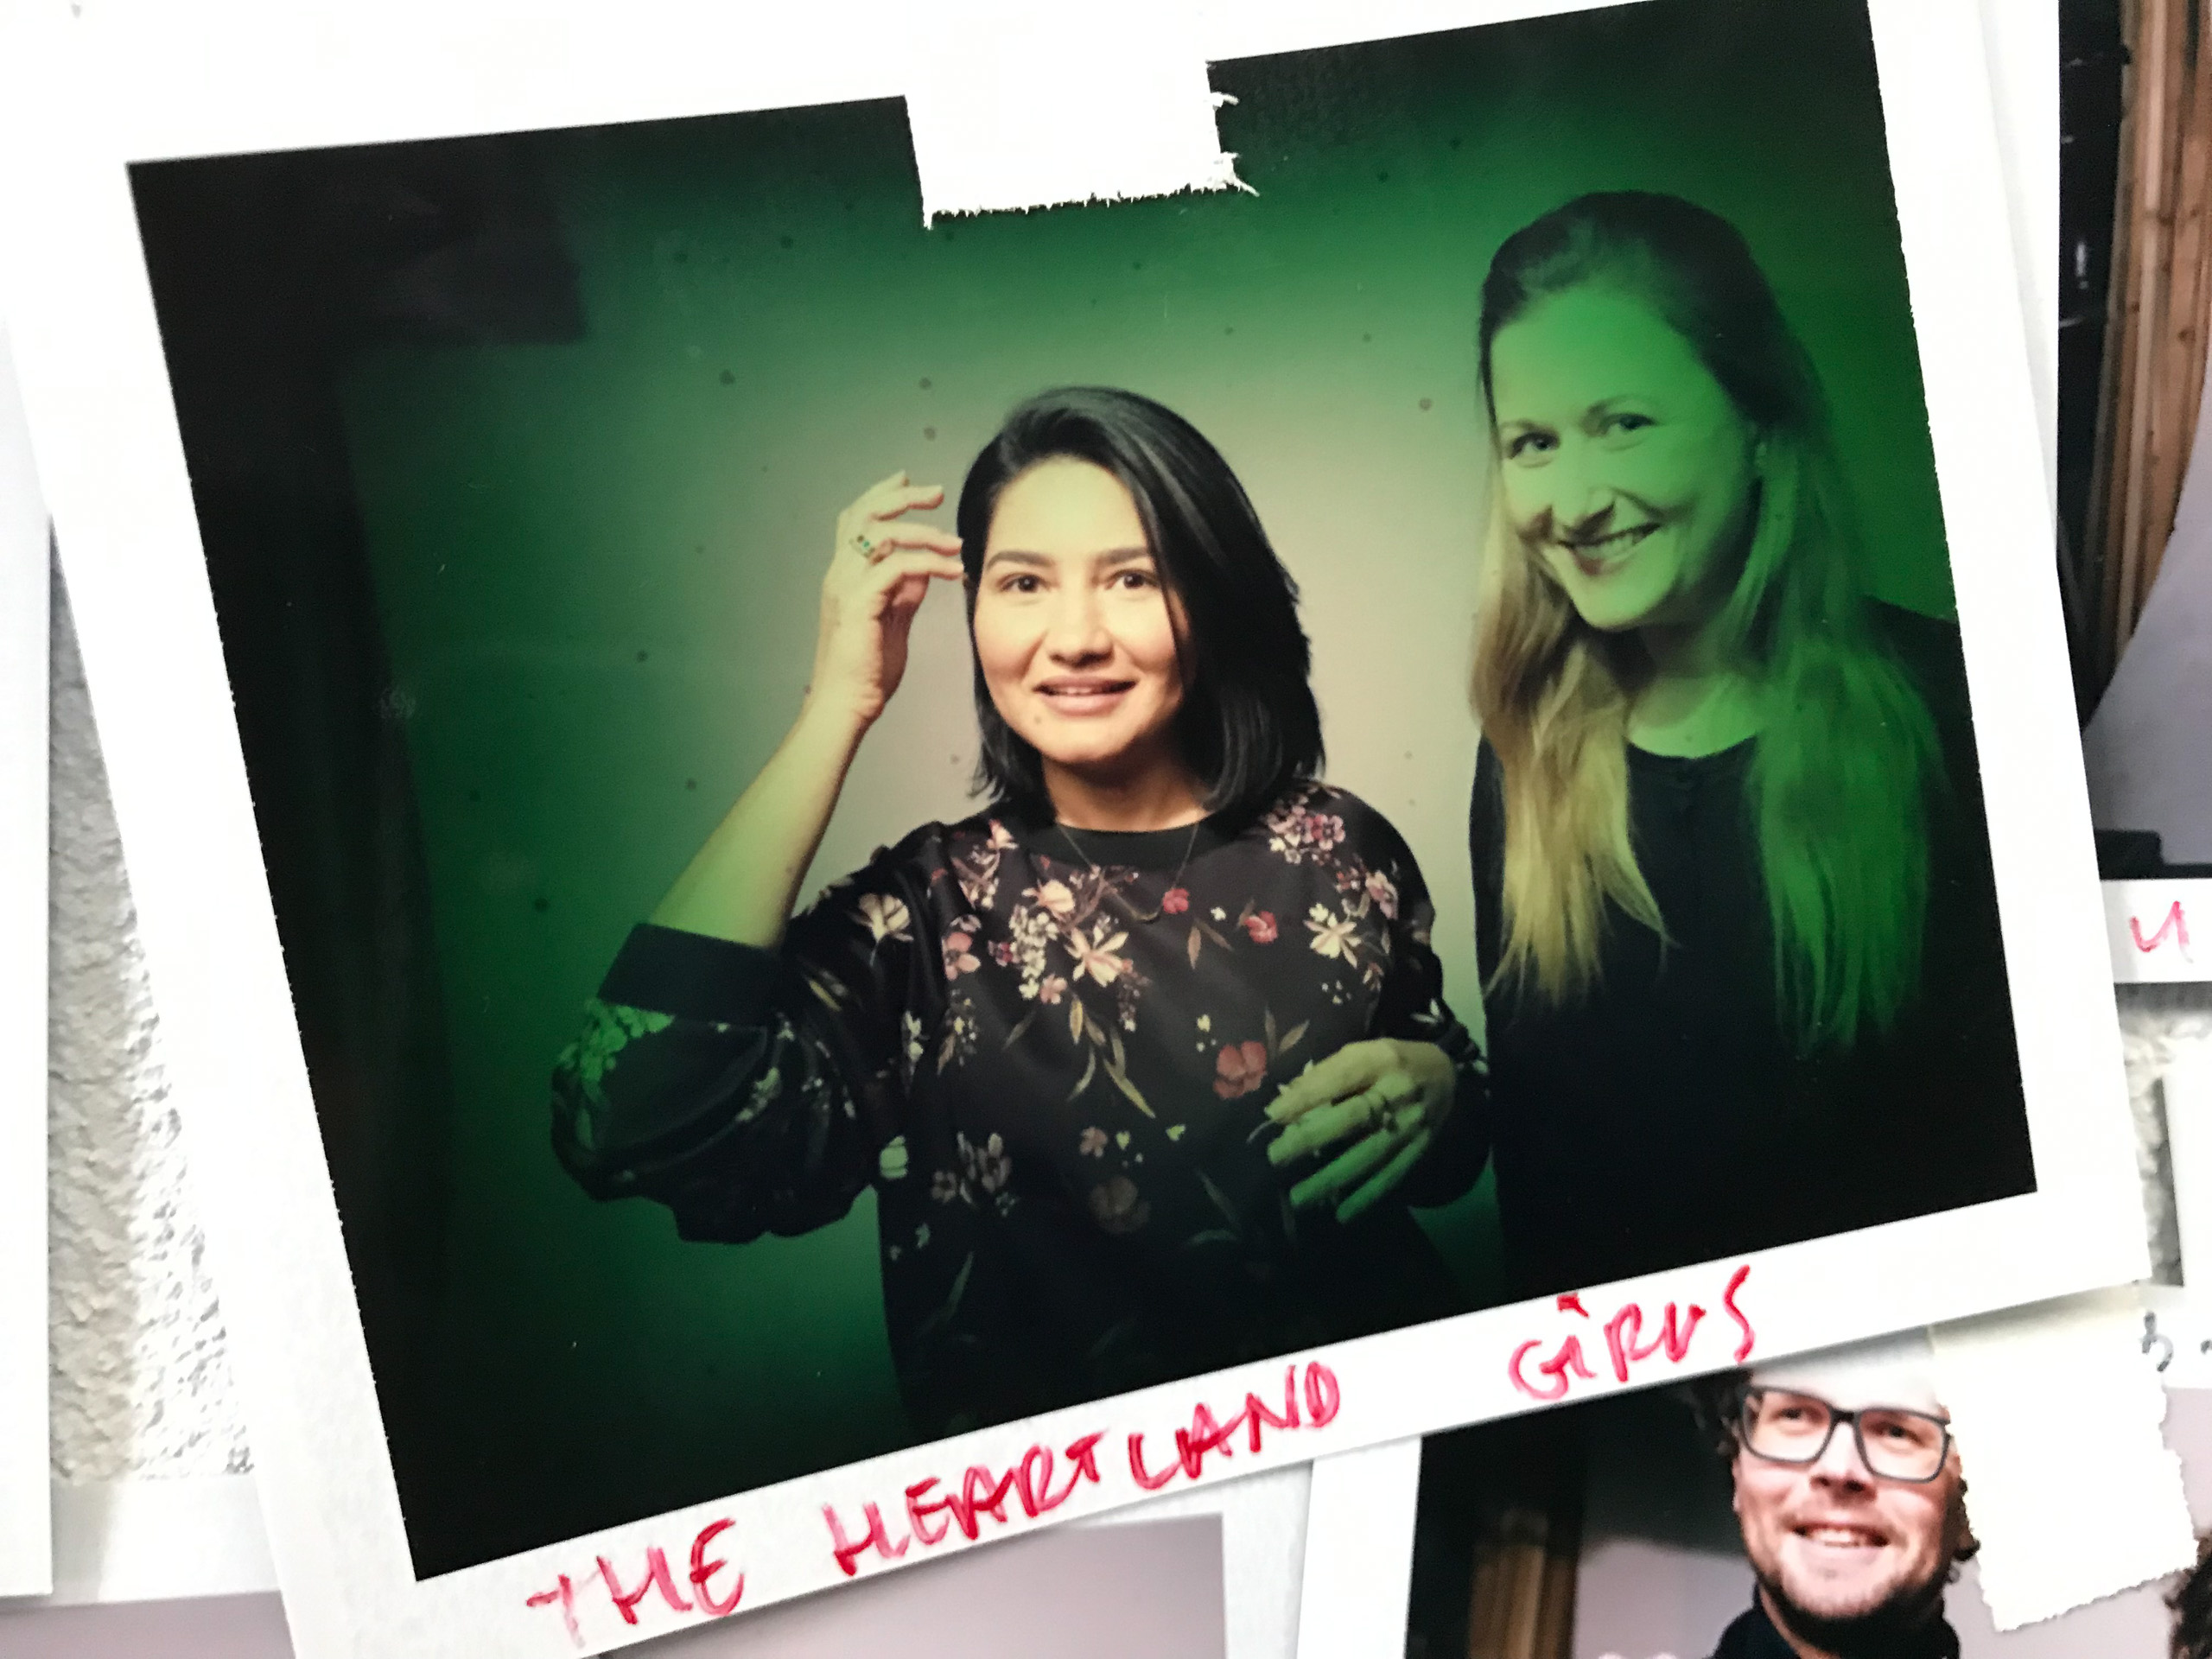 Food stylist fotografie van twee dames gemaakt door Studio_m Fotograaf Amsterdam